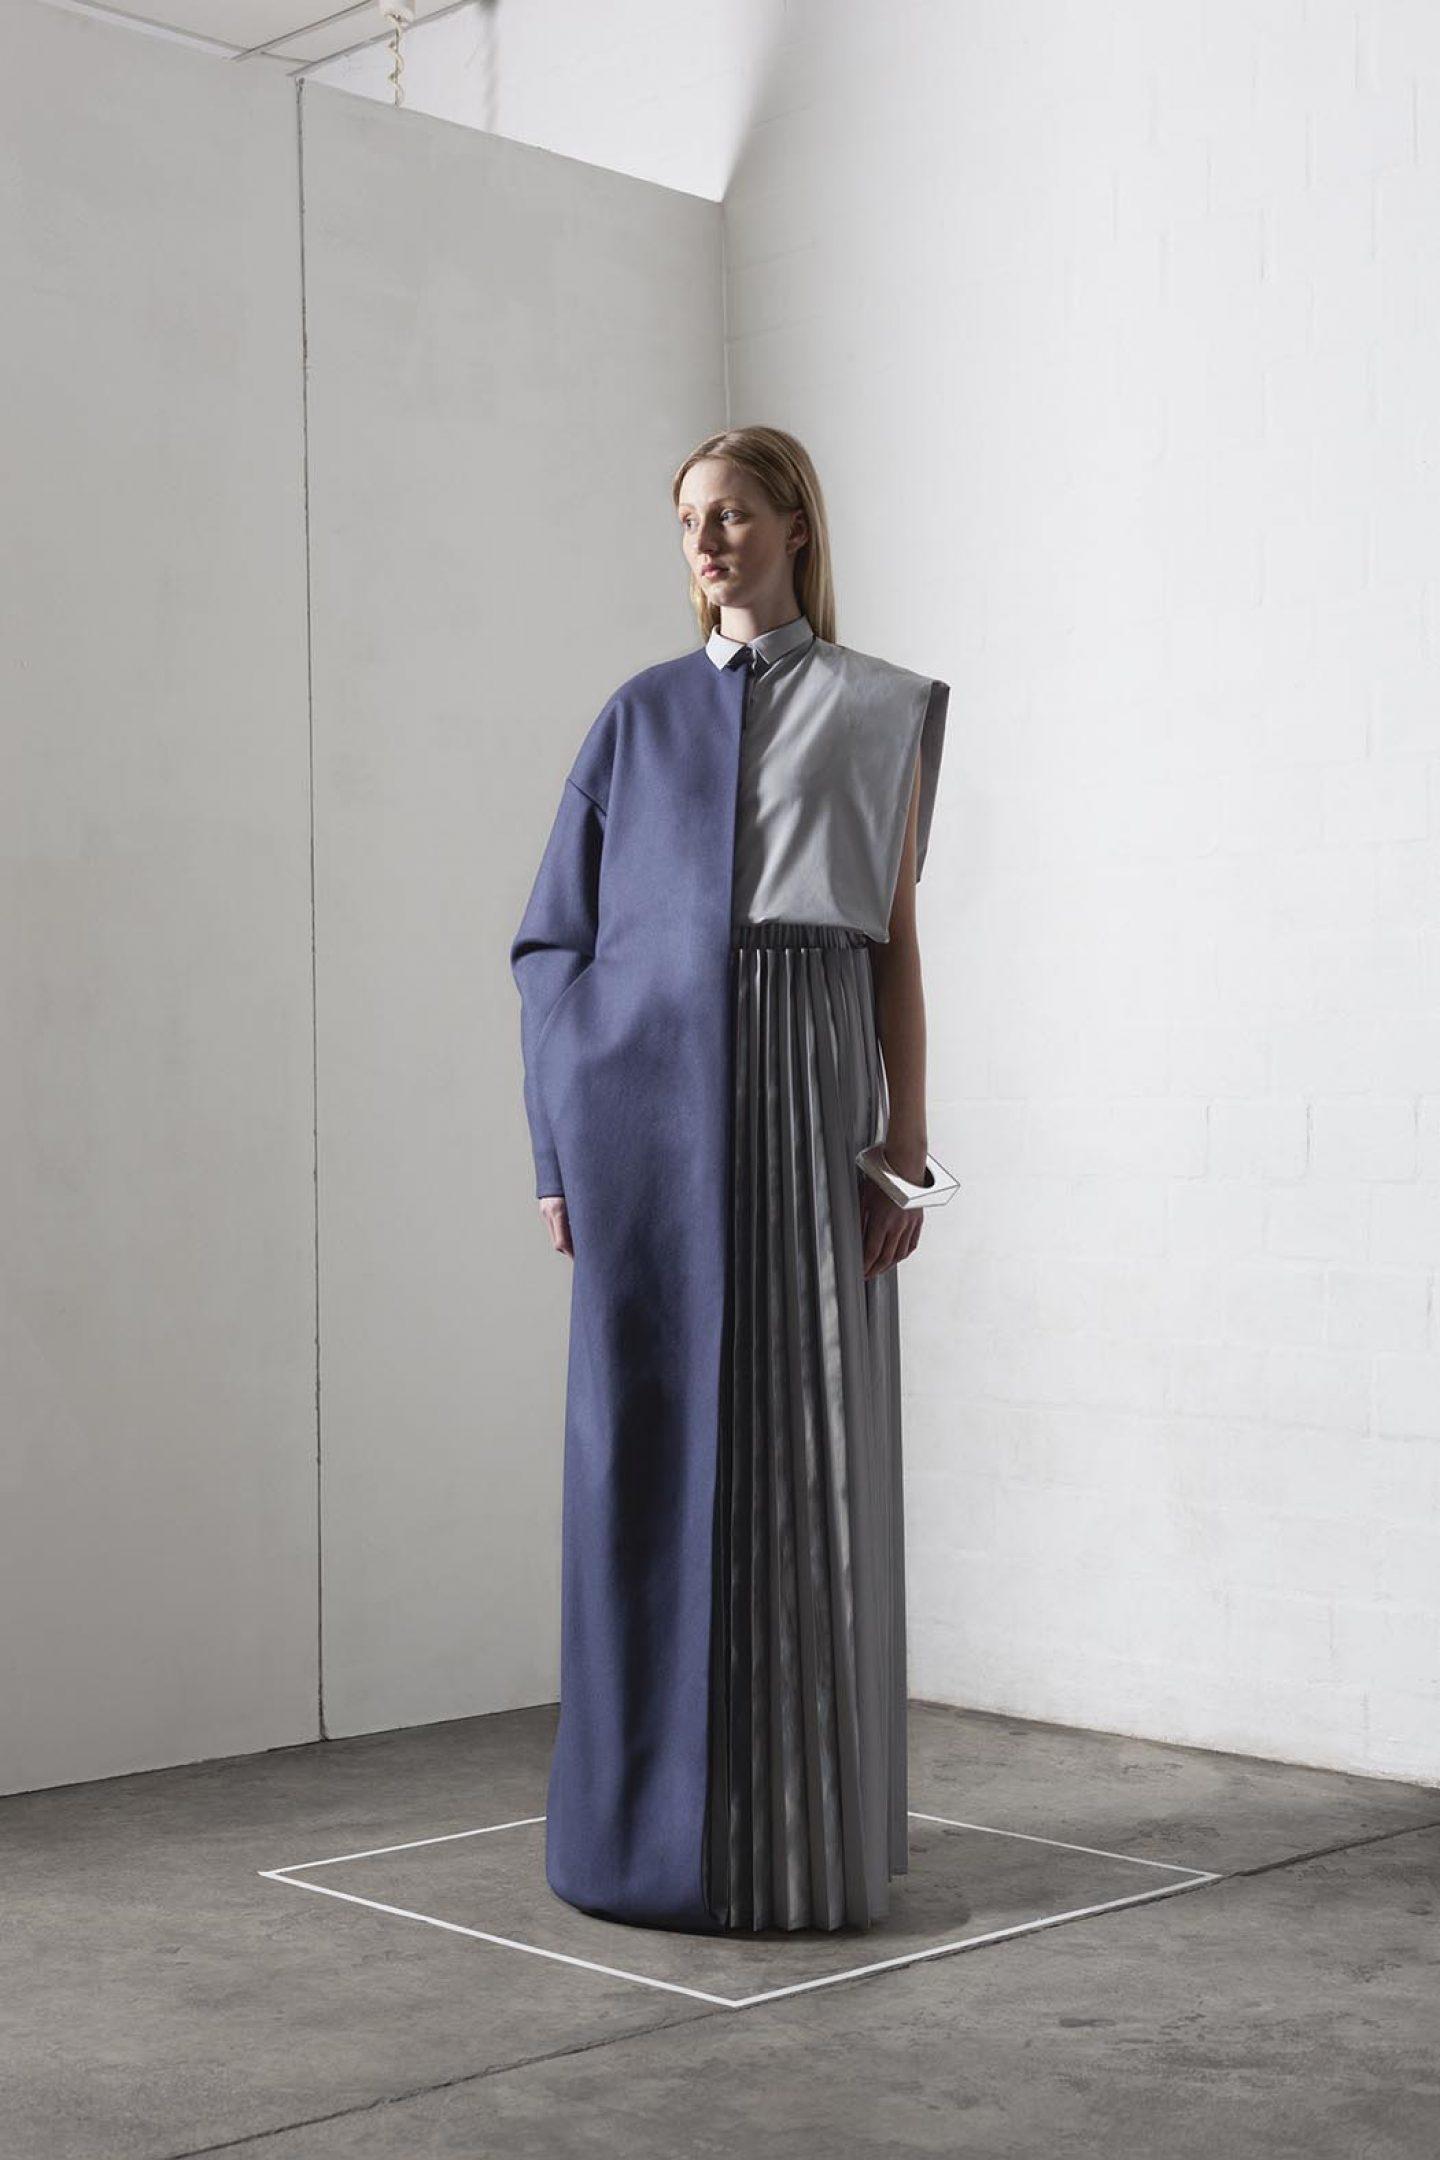 iGNANT_Fashion_Leonie_Barth_Ich_Ist_Ein_Anderer_11